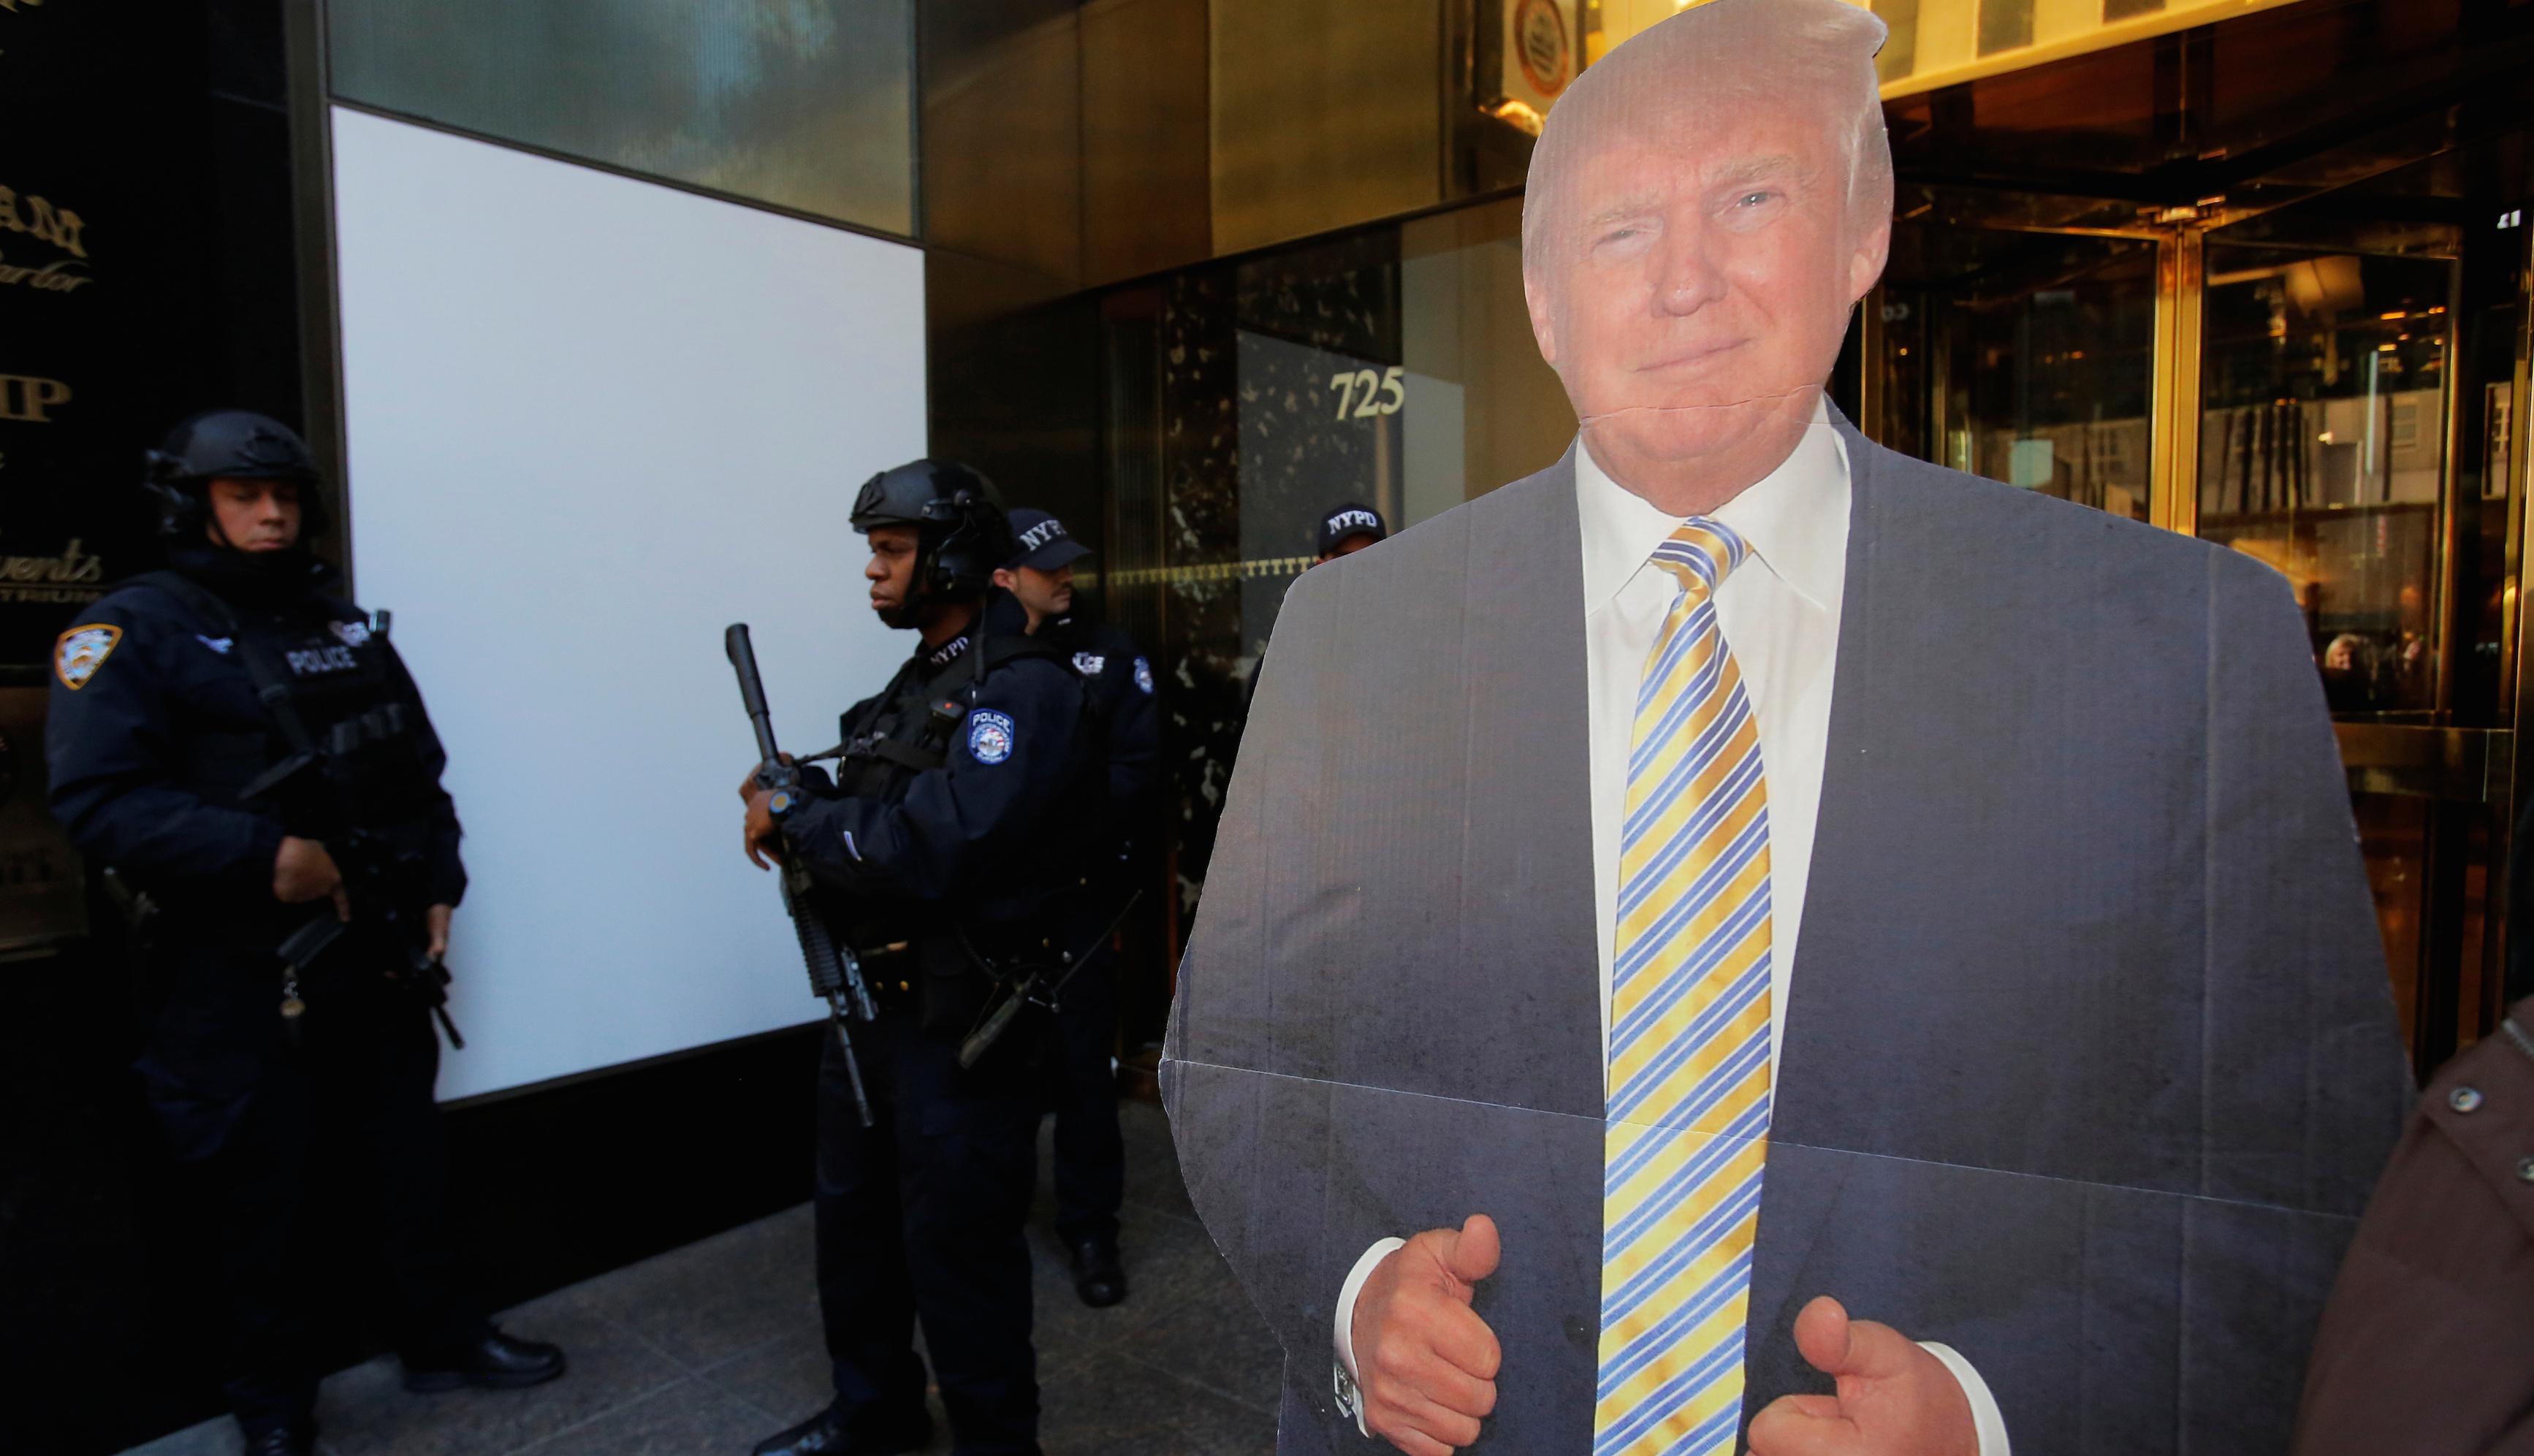 Donald Trump security Trump Tower